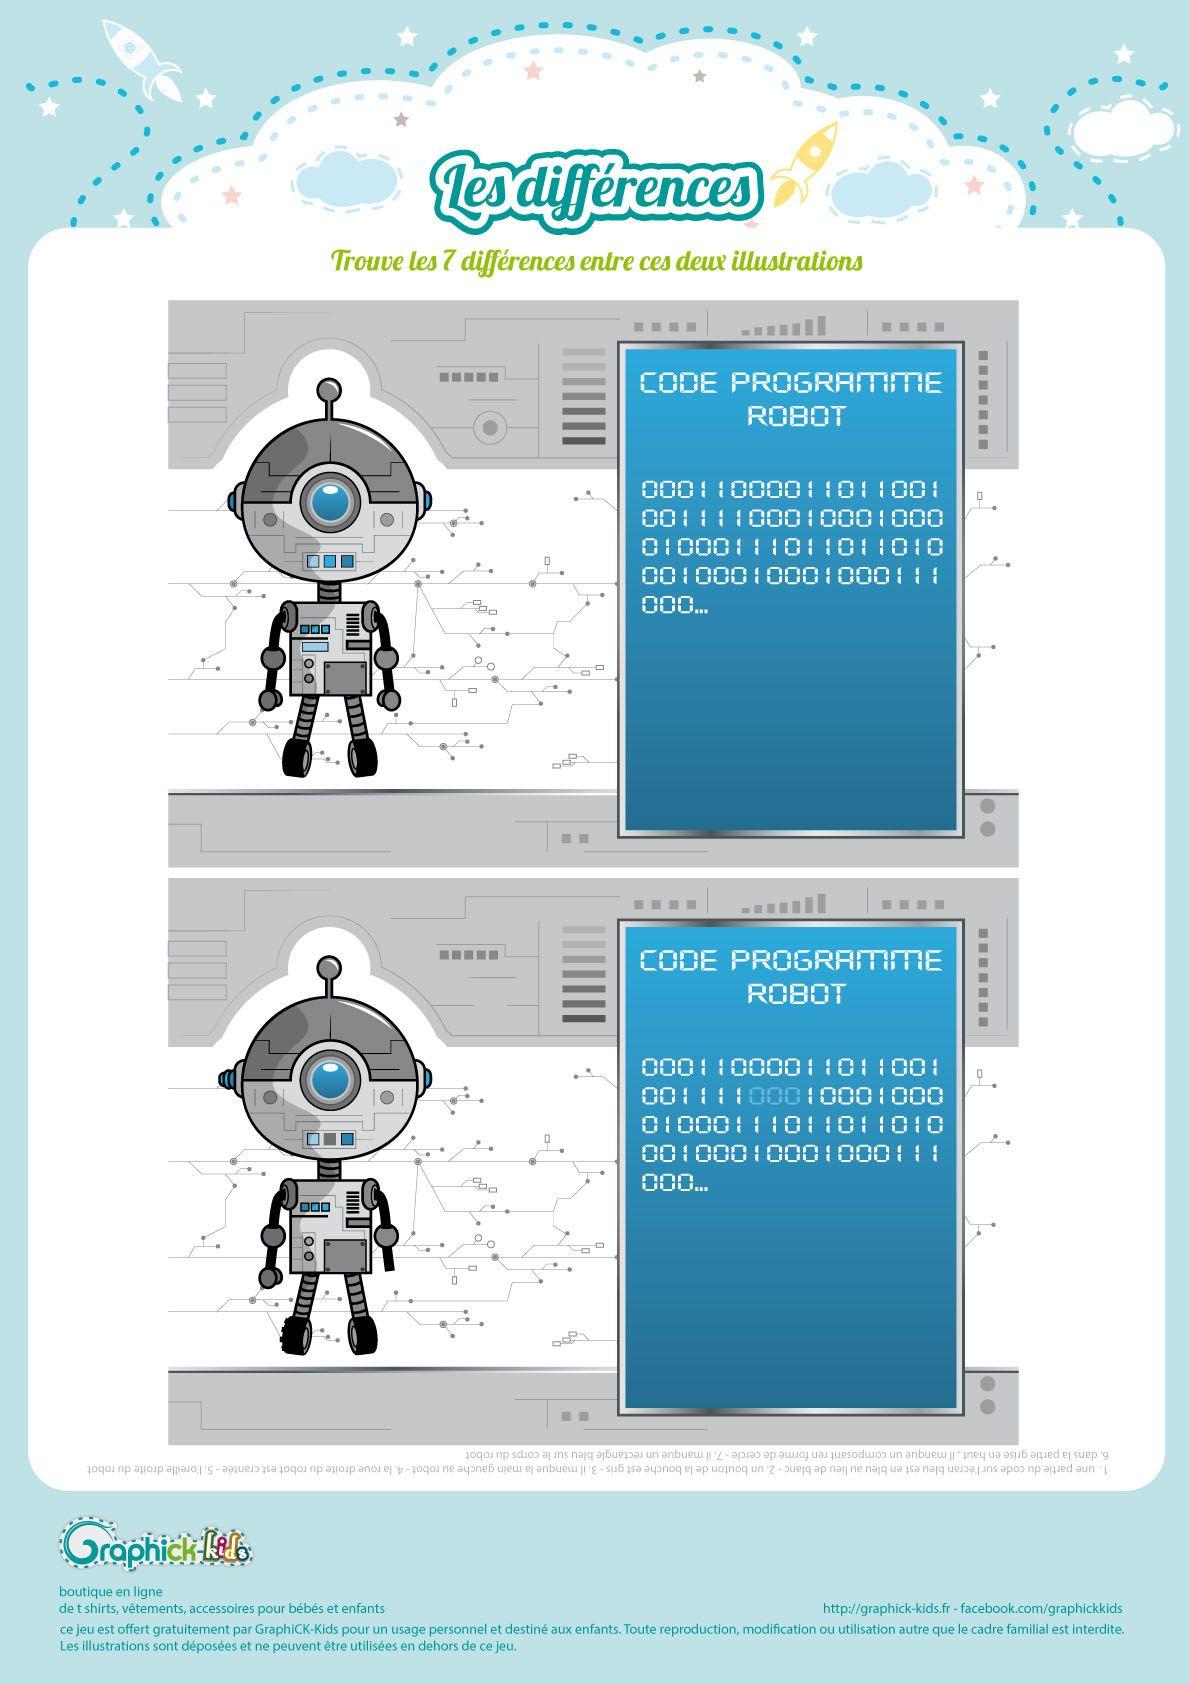 L'activité Du Mercredi : Les Différences Du Petit Robot pour Jeux Des 7 Différences Gratuit